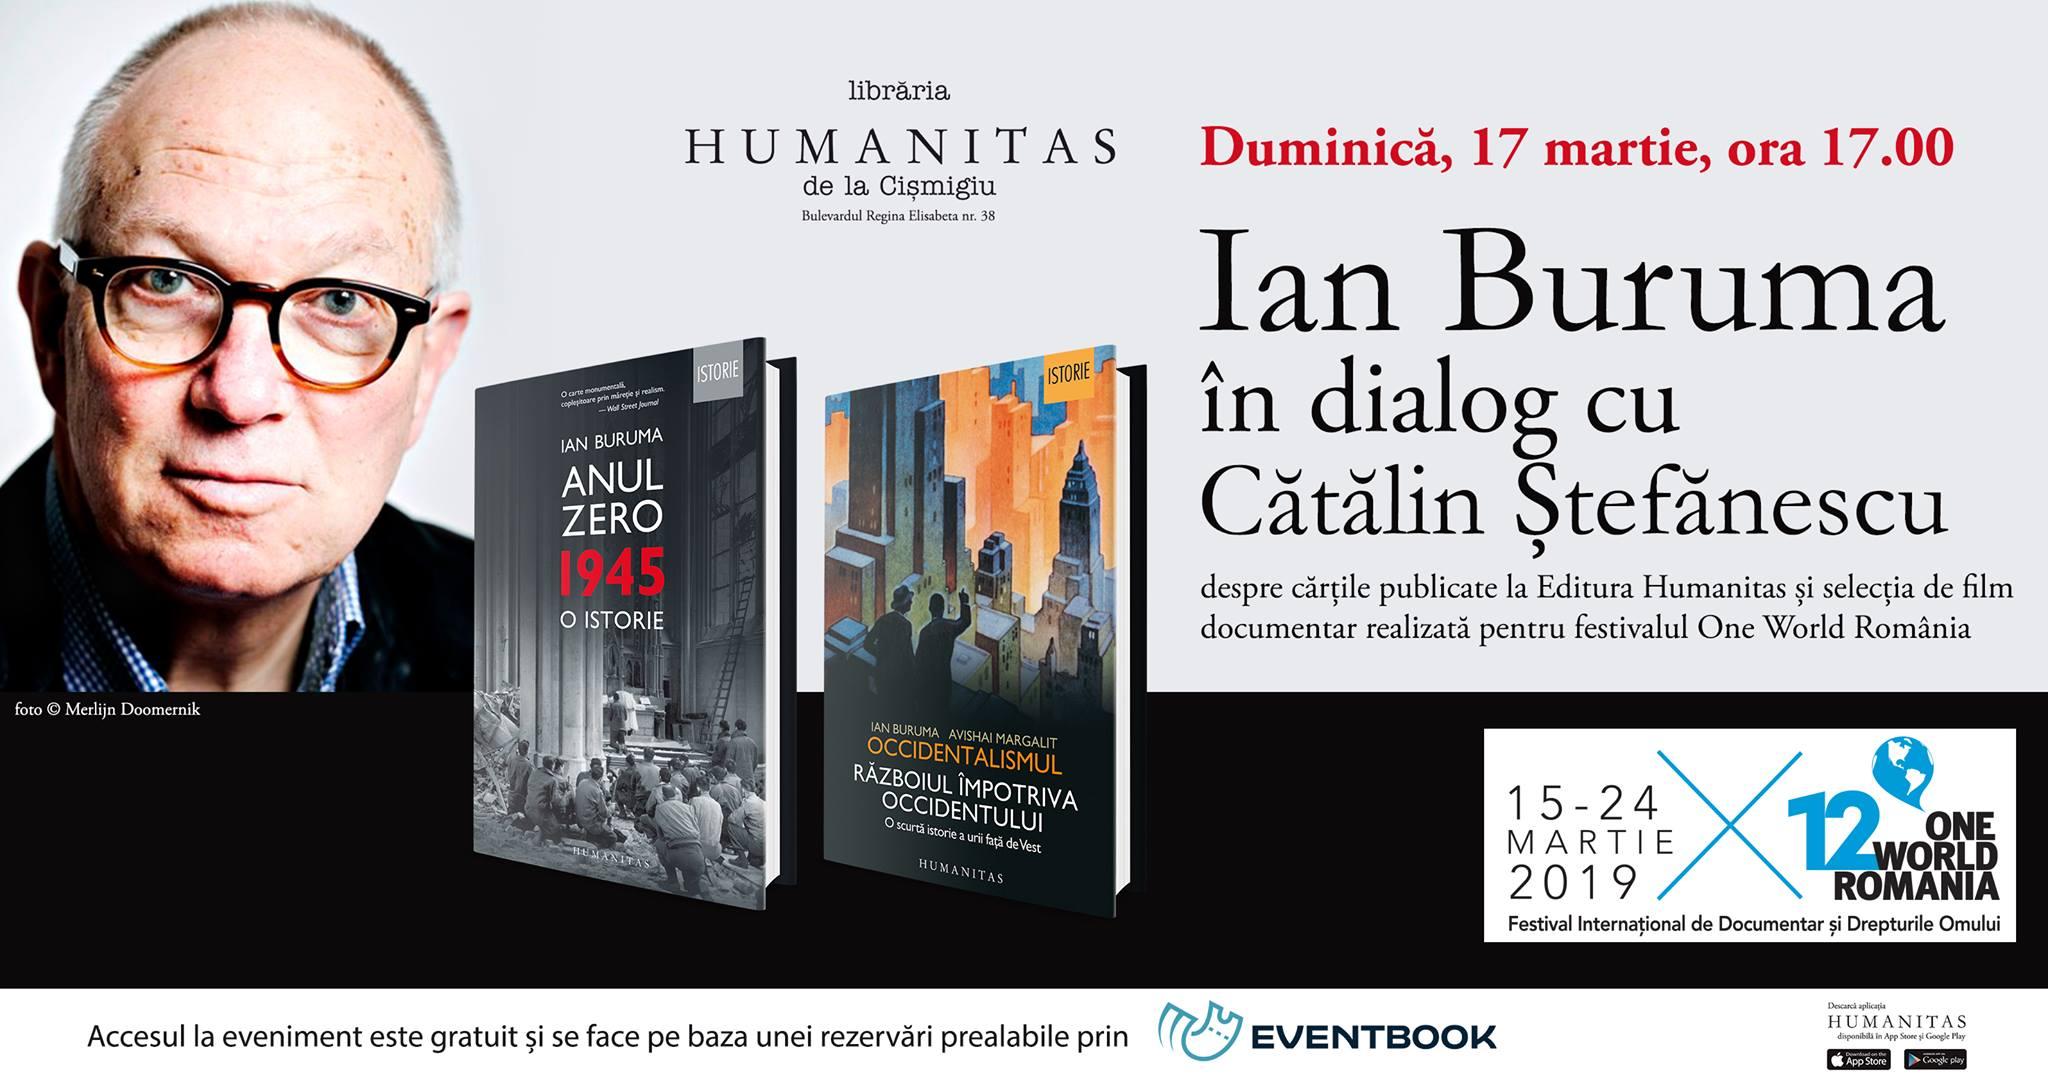 Ian Buruma în dialog cu Cătălin Ștefănescu